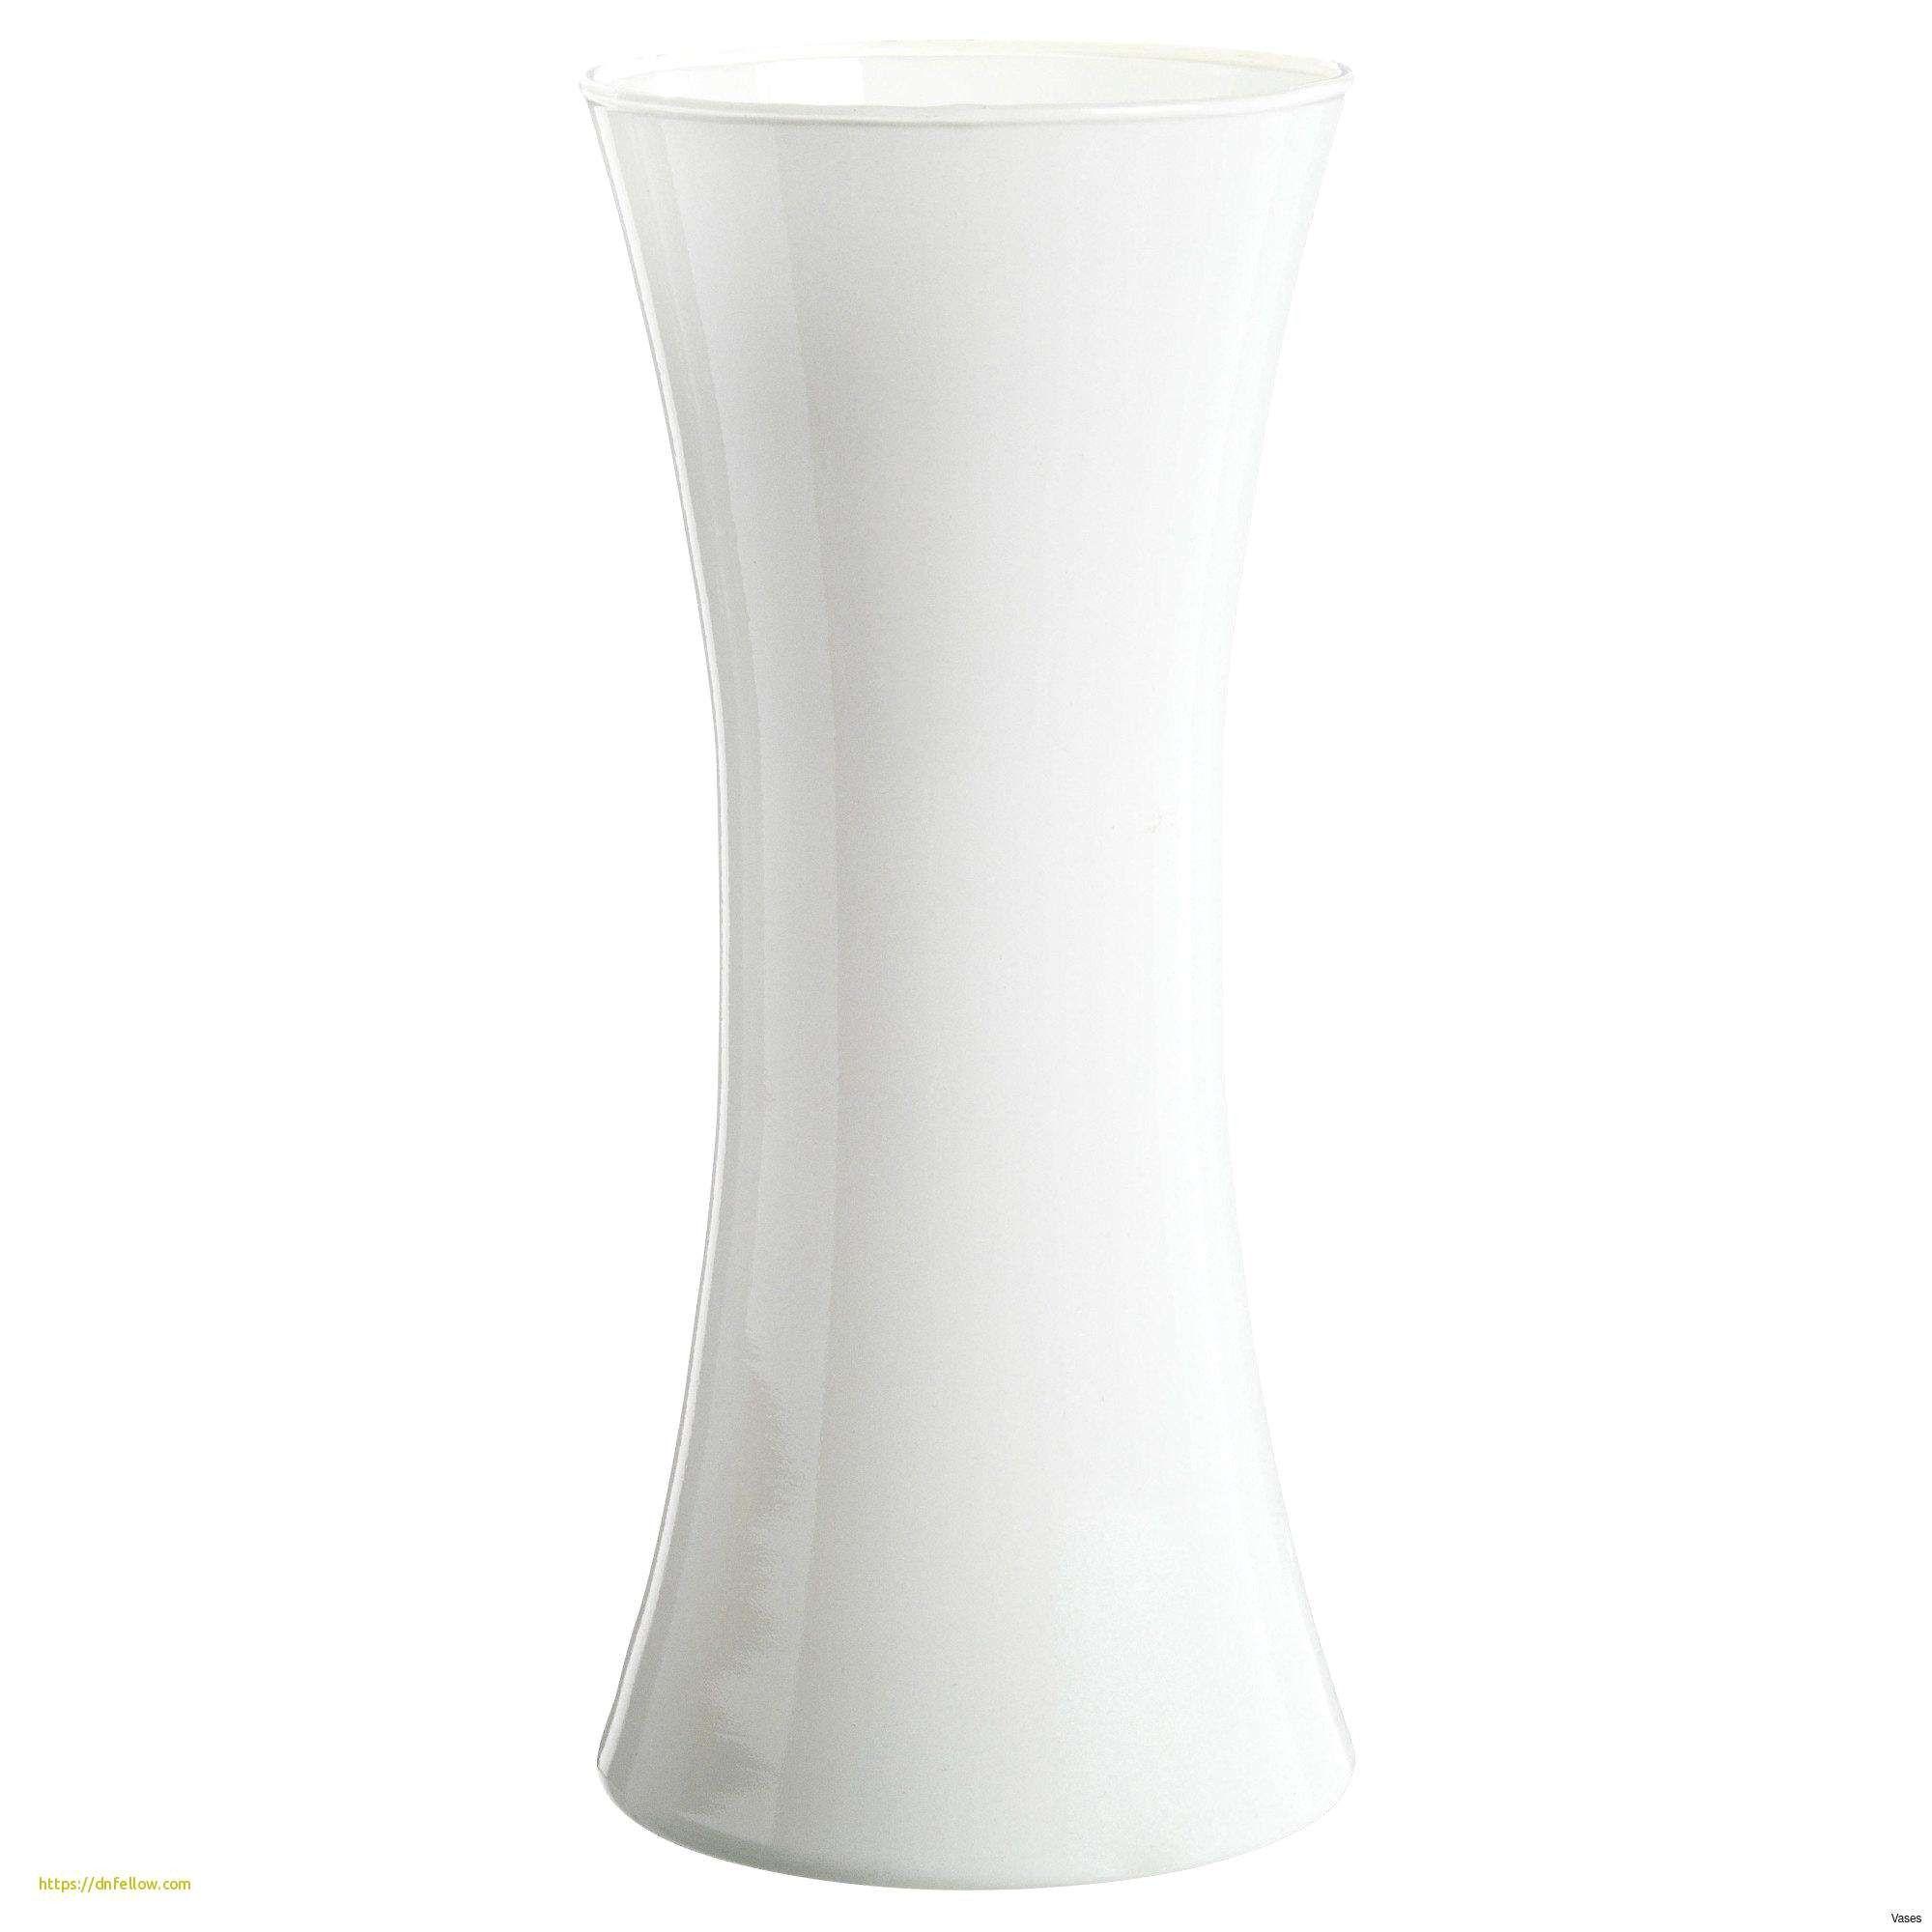 big white floor vase of white vase set new white floor vase ceramic modern 40 inchl home with white vase set new white floor vase ceramic modern 40 inchl home design ikea inch